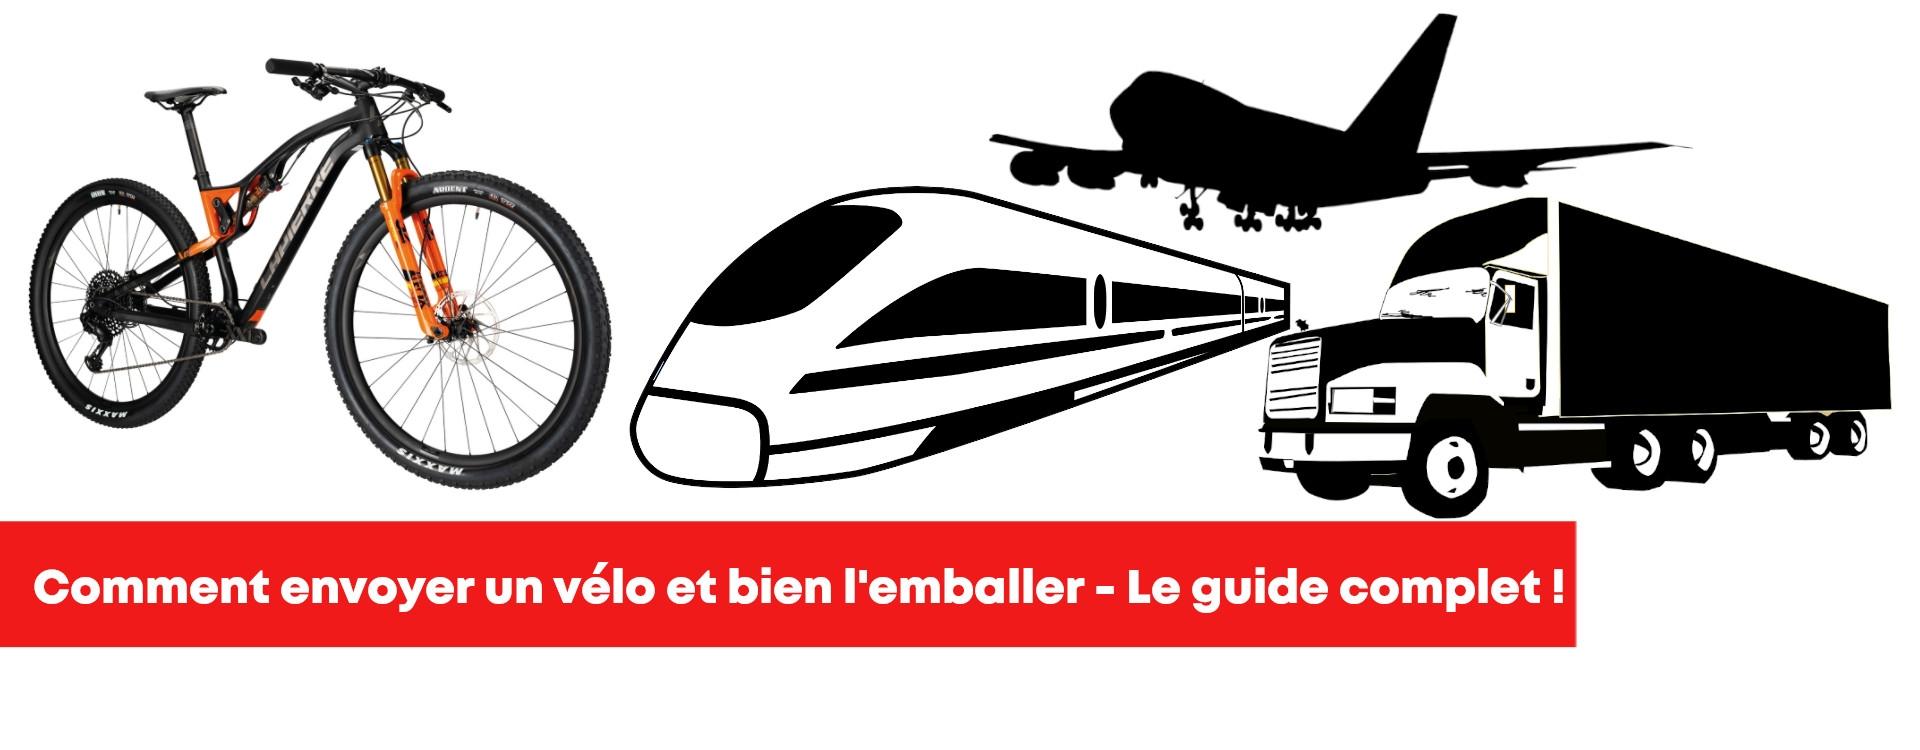 Comment envoyer votre vélo avec Mondial Relay, Laposte, Chronopost, UPS, le guide complet !